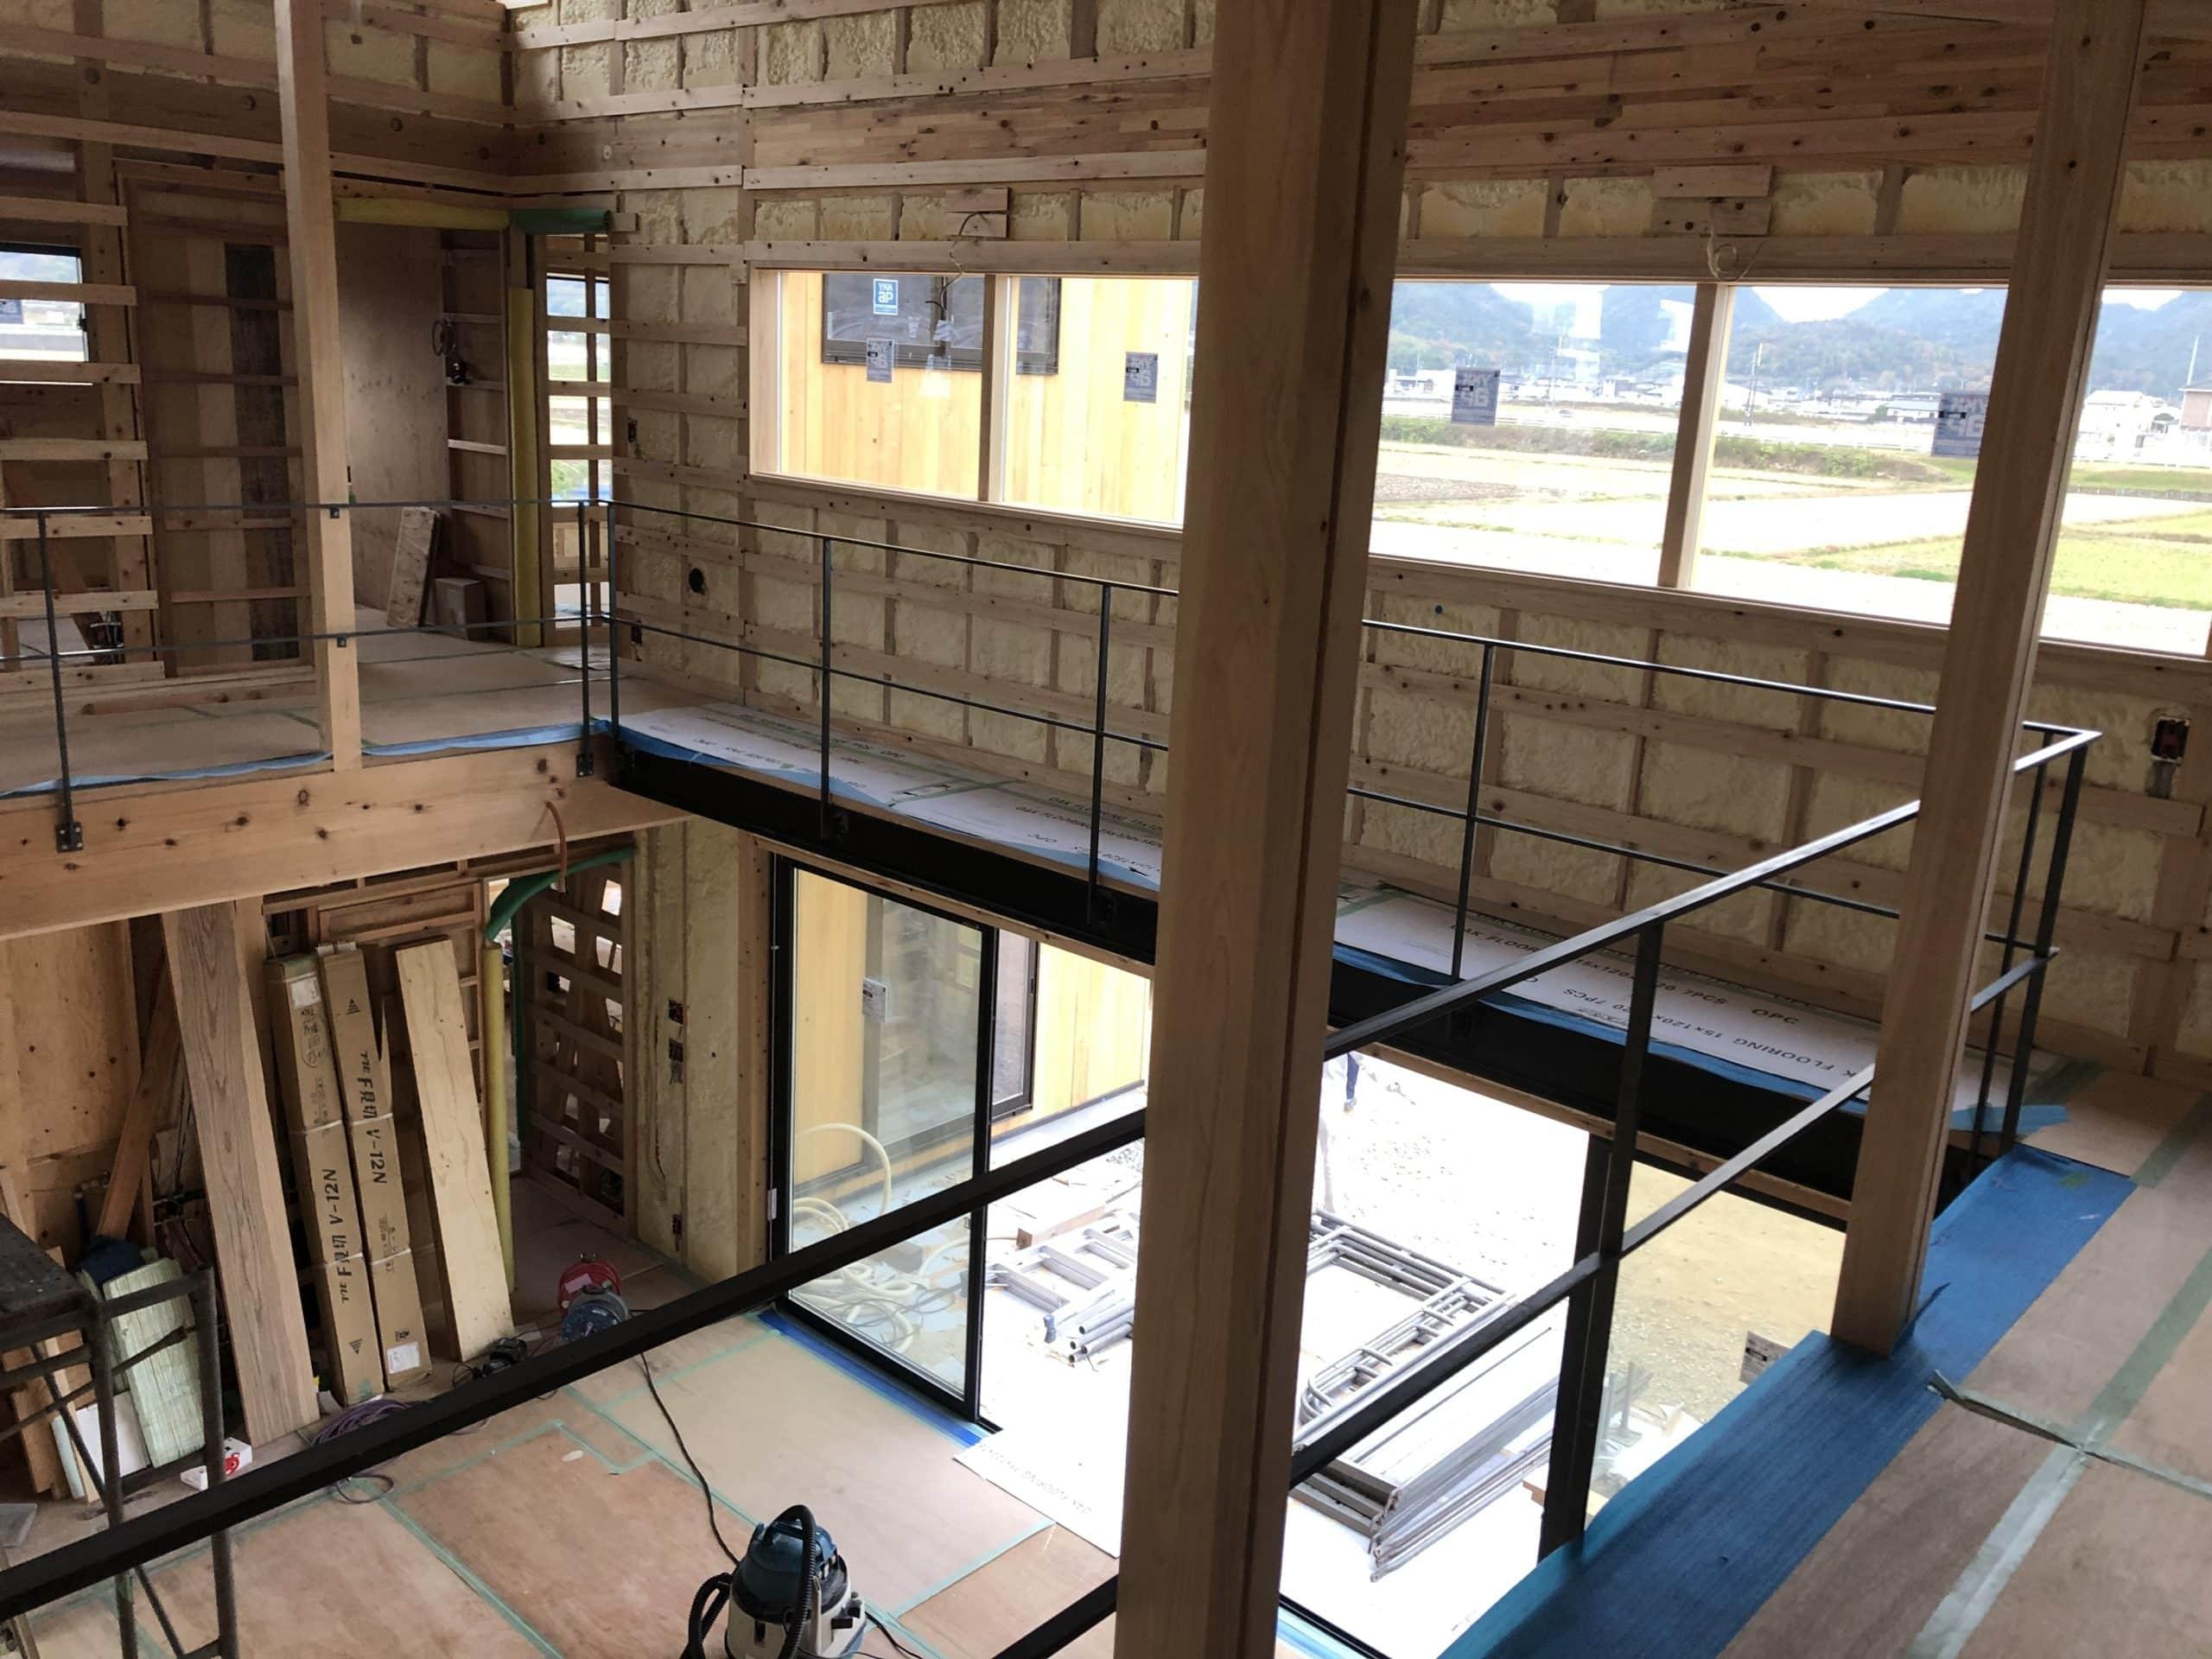 新居に階段の簓とその手すり及び落下防止柵を製作施工させていただきました